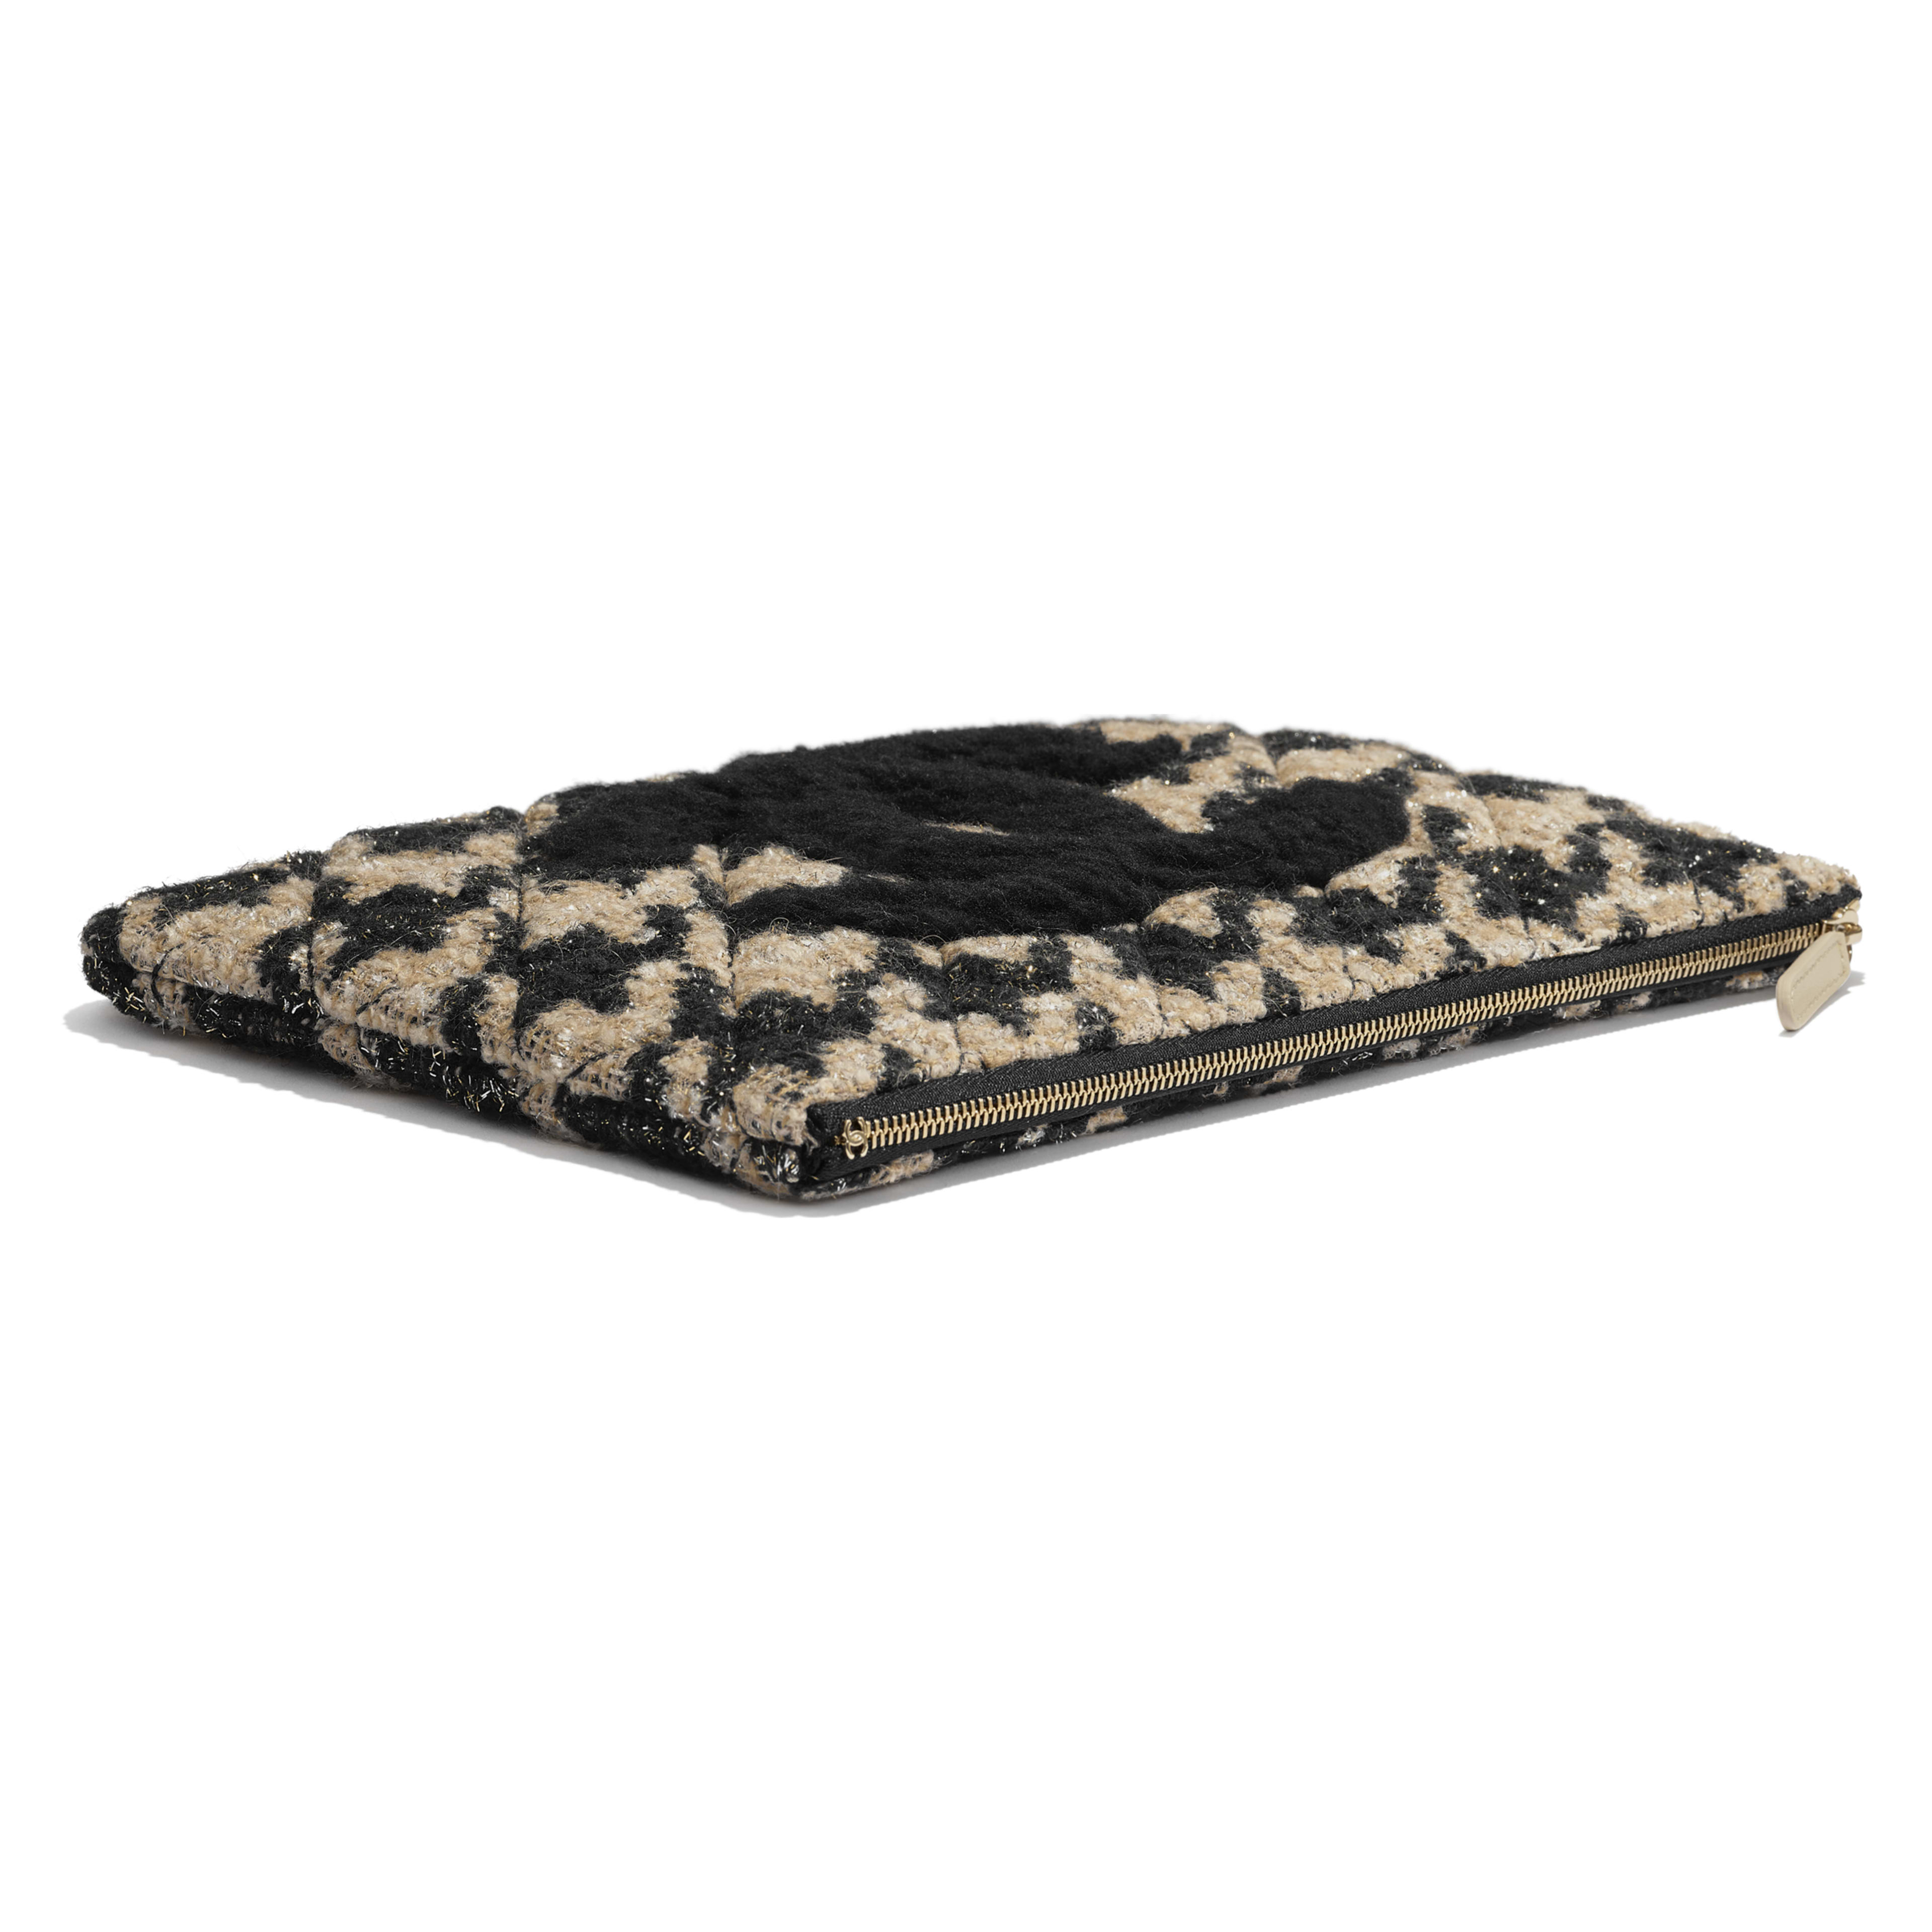 กระเป๋าเพาช์ - สีดำและสีเบจ - ผ้าทวีต หนังแกะเชียร์ลิ่ง และโลหะสีทอง - มุมมองพิเศษ - ดูเวอร์ชันขนาดเต็ม